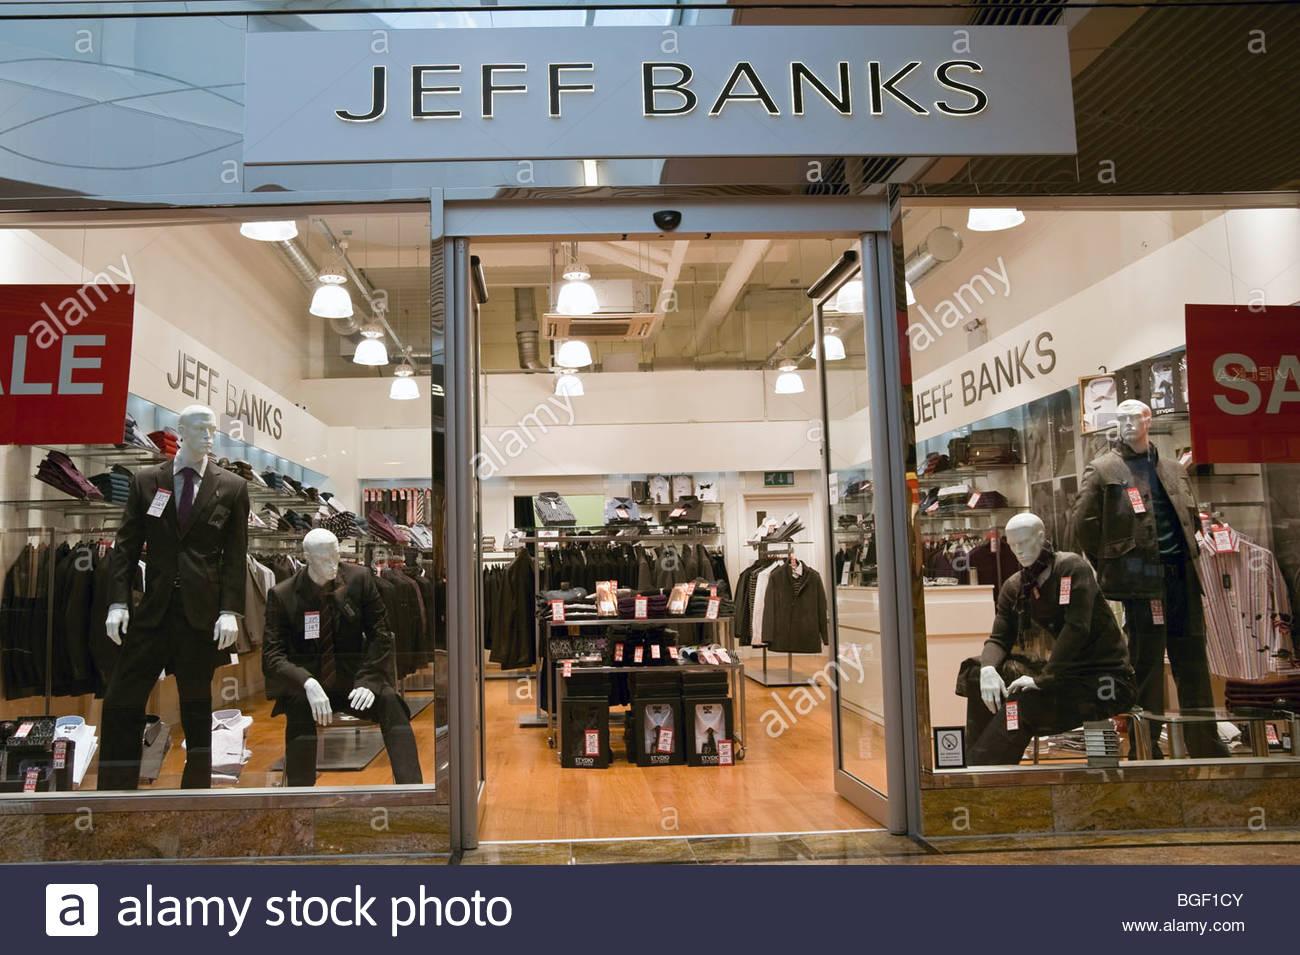 Designer Clothes Outlet Uk | Jeff Banks Clothing Shop At Gloucester Quays Designer Outlet Uk